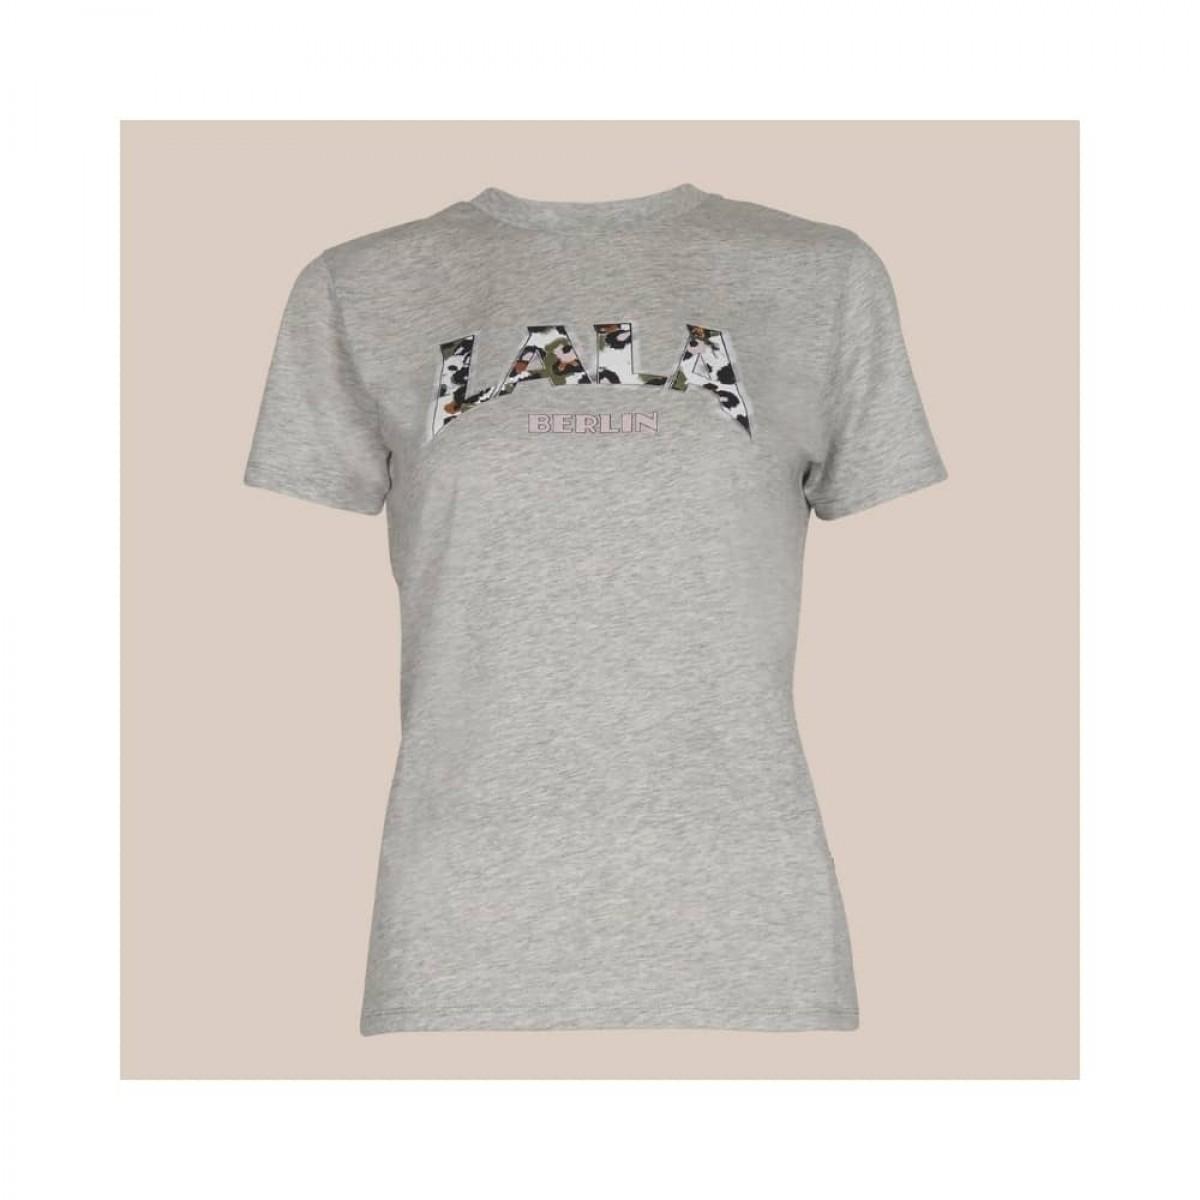 reda lala leo t-shirt - grey melange - front